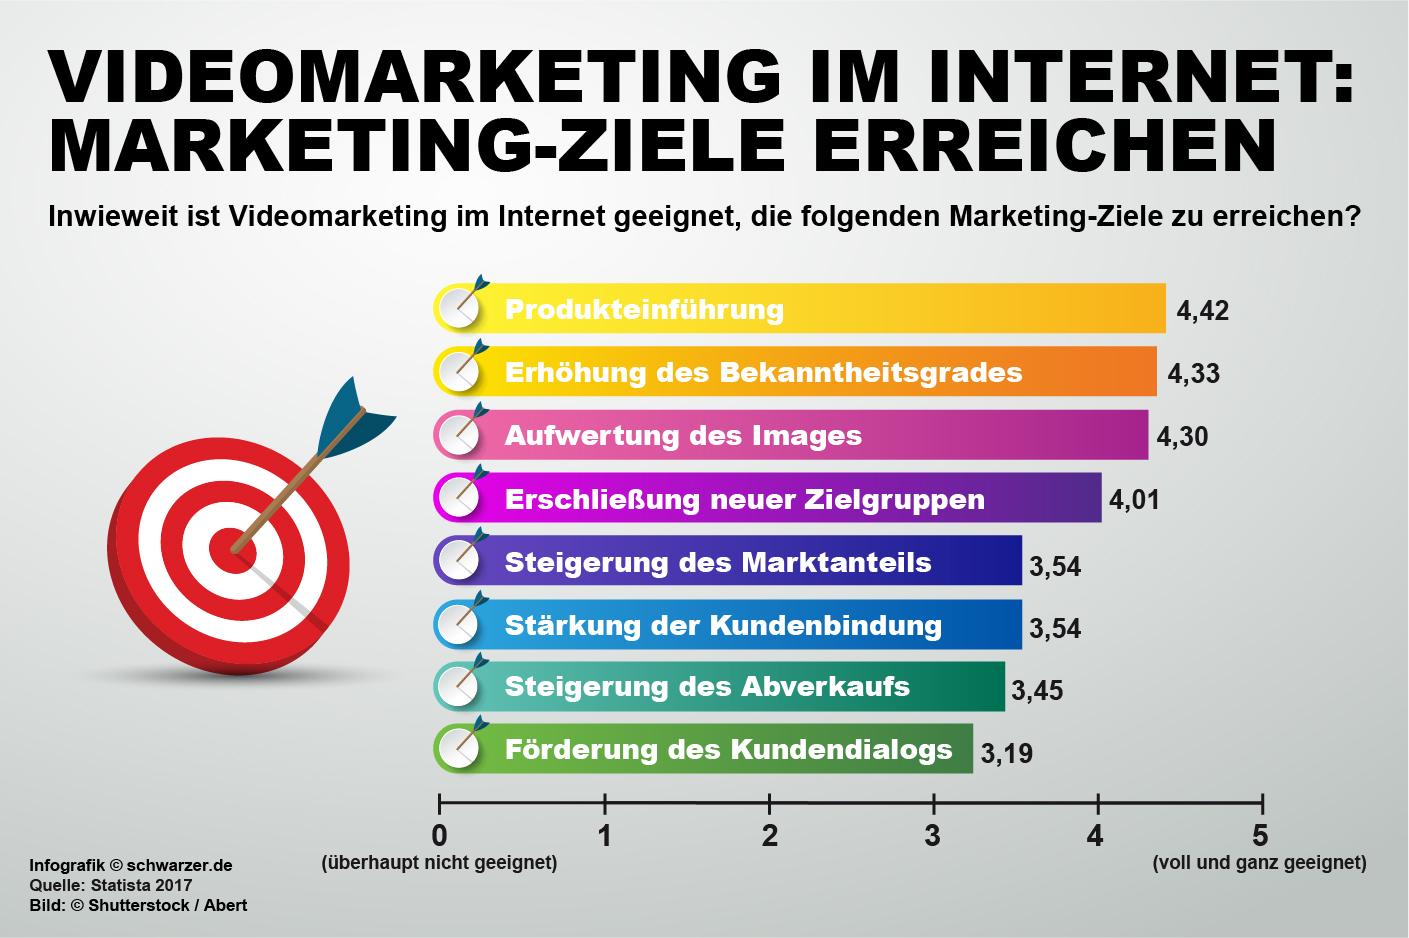 Infografik: Inwieweit ist Videomarketing im Internet geeignet, die genannten Marketing-Ziele zu erreichen?